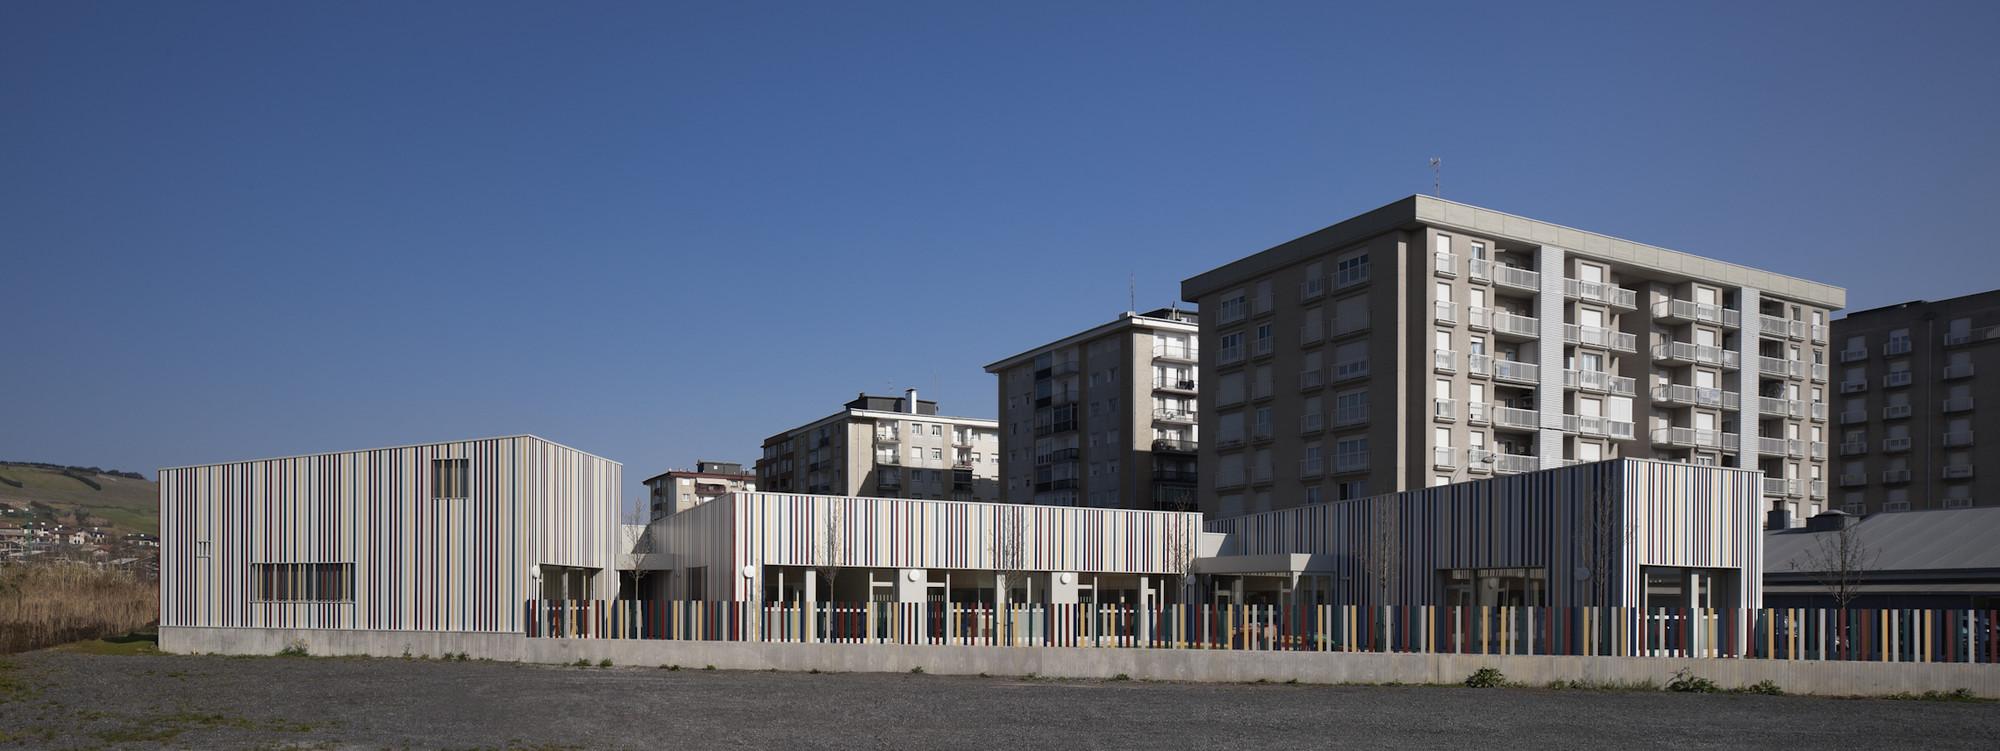 Escuela Infantil en Zarautz / Ignacio Quemada Arquitectos, © Alejo Bagué